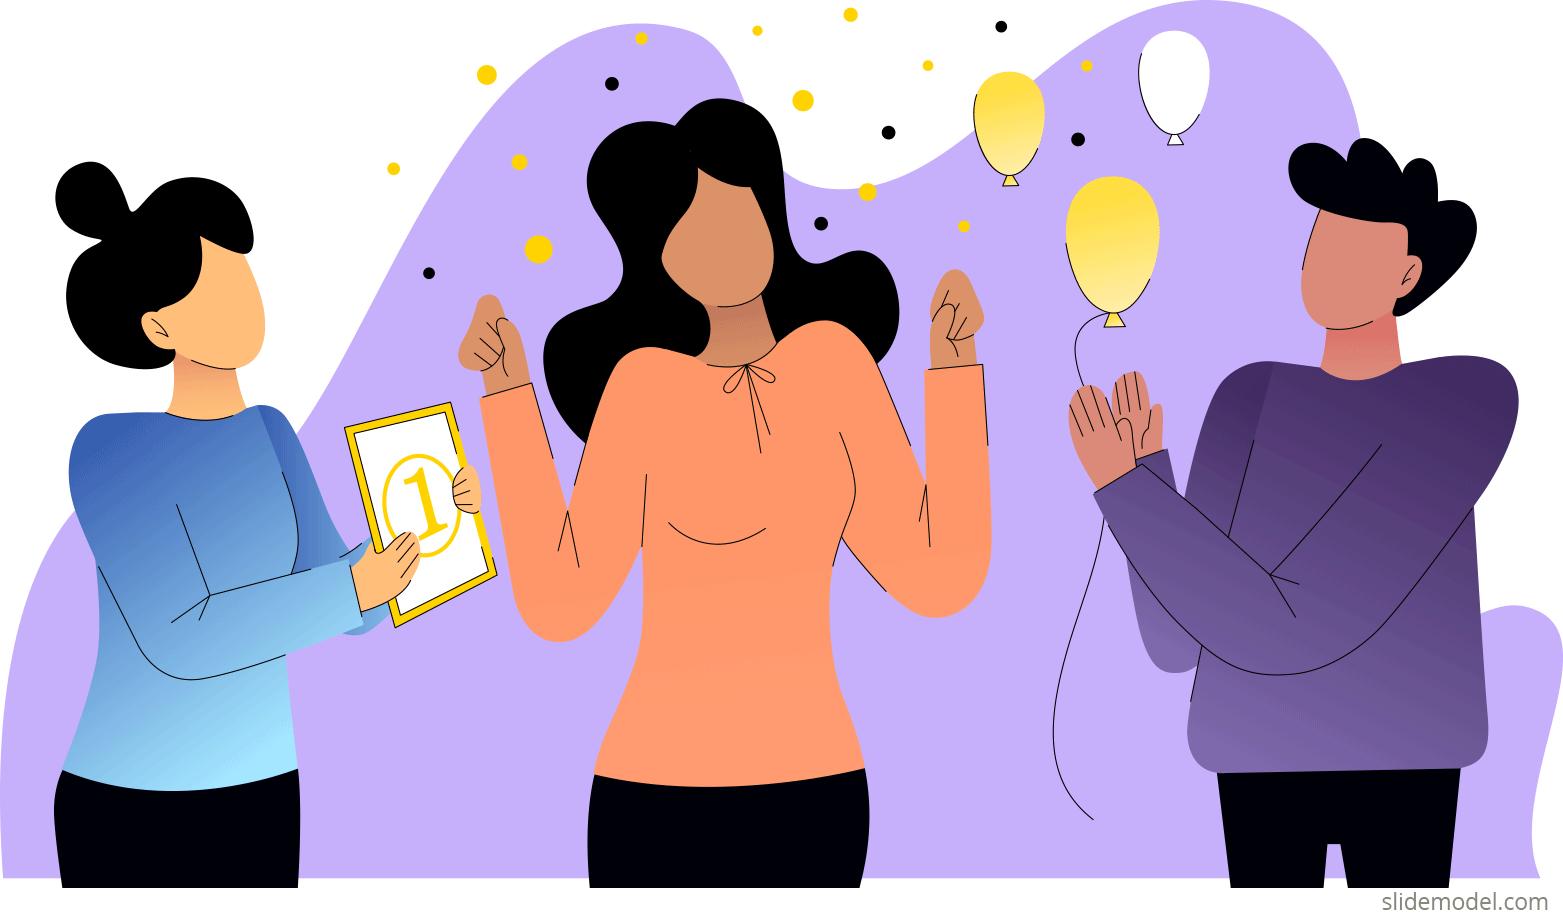 Intrinsic motivation illustration at workspace by SlideModel